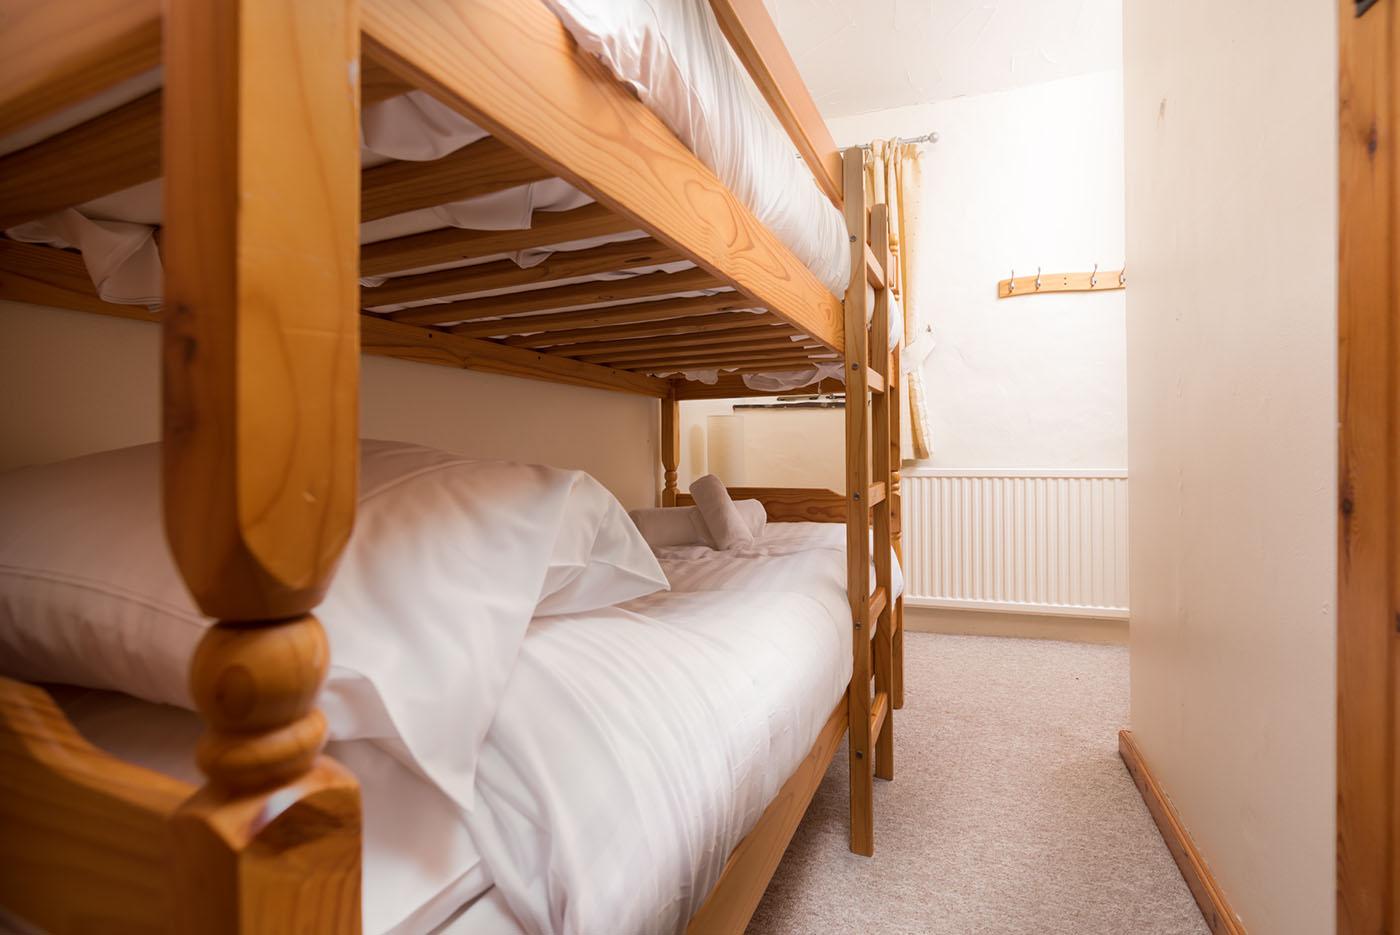 Stable bunk bedroom